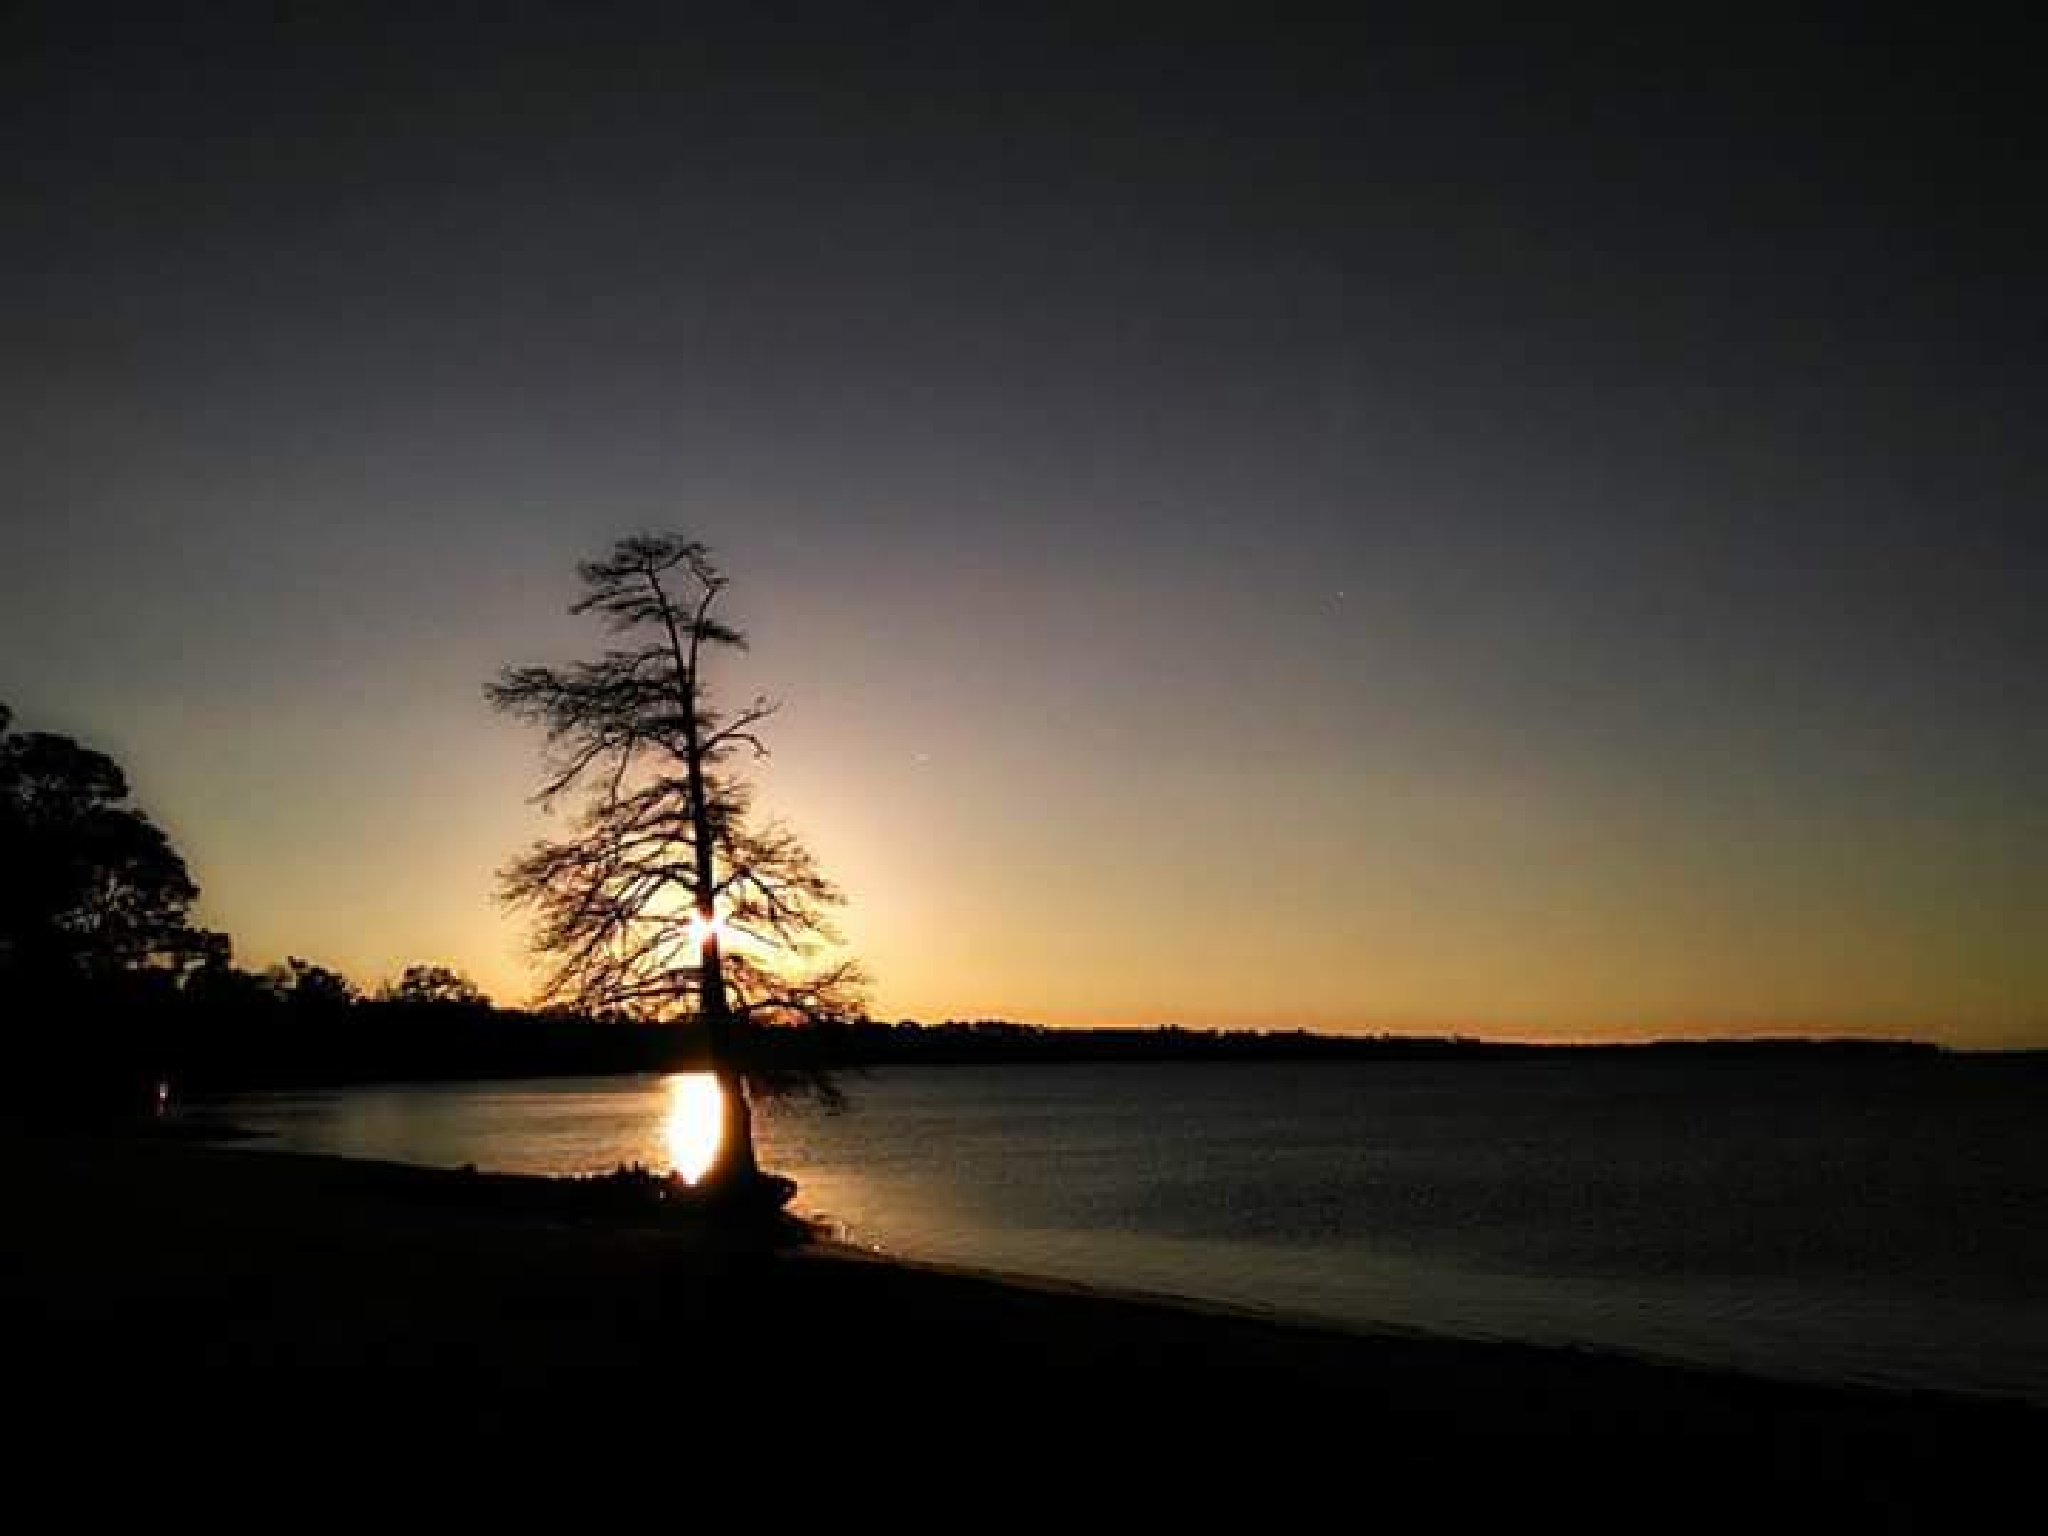 My Sunrise  by Angela Roark aka Raven Isaboe Wolfe